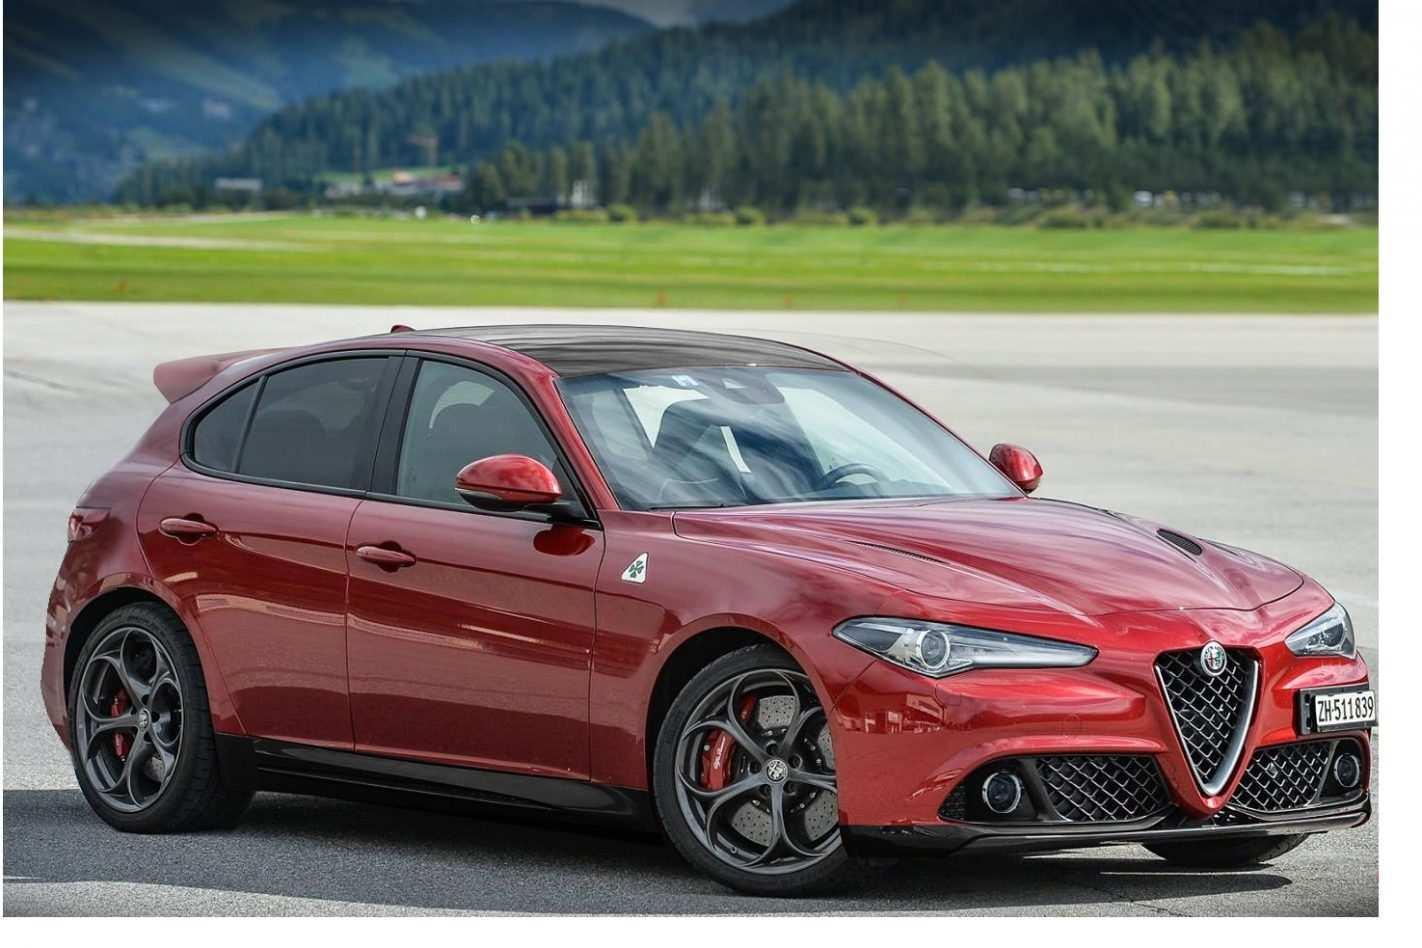 92 New 2019 Alfa Romeo Giulietta Pricing for 2019 Alfa Romeo Giulietta